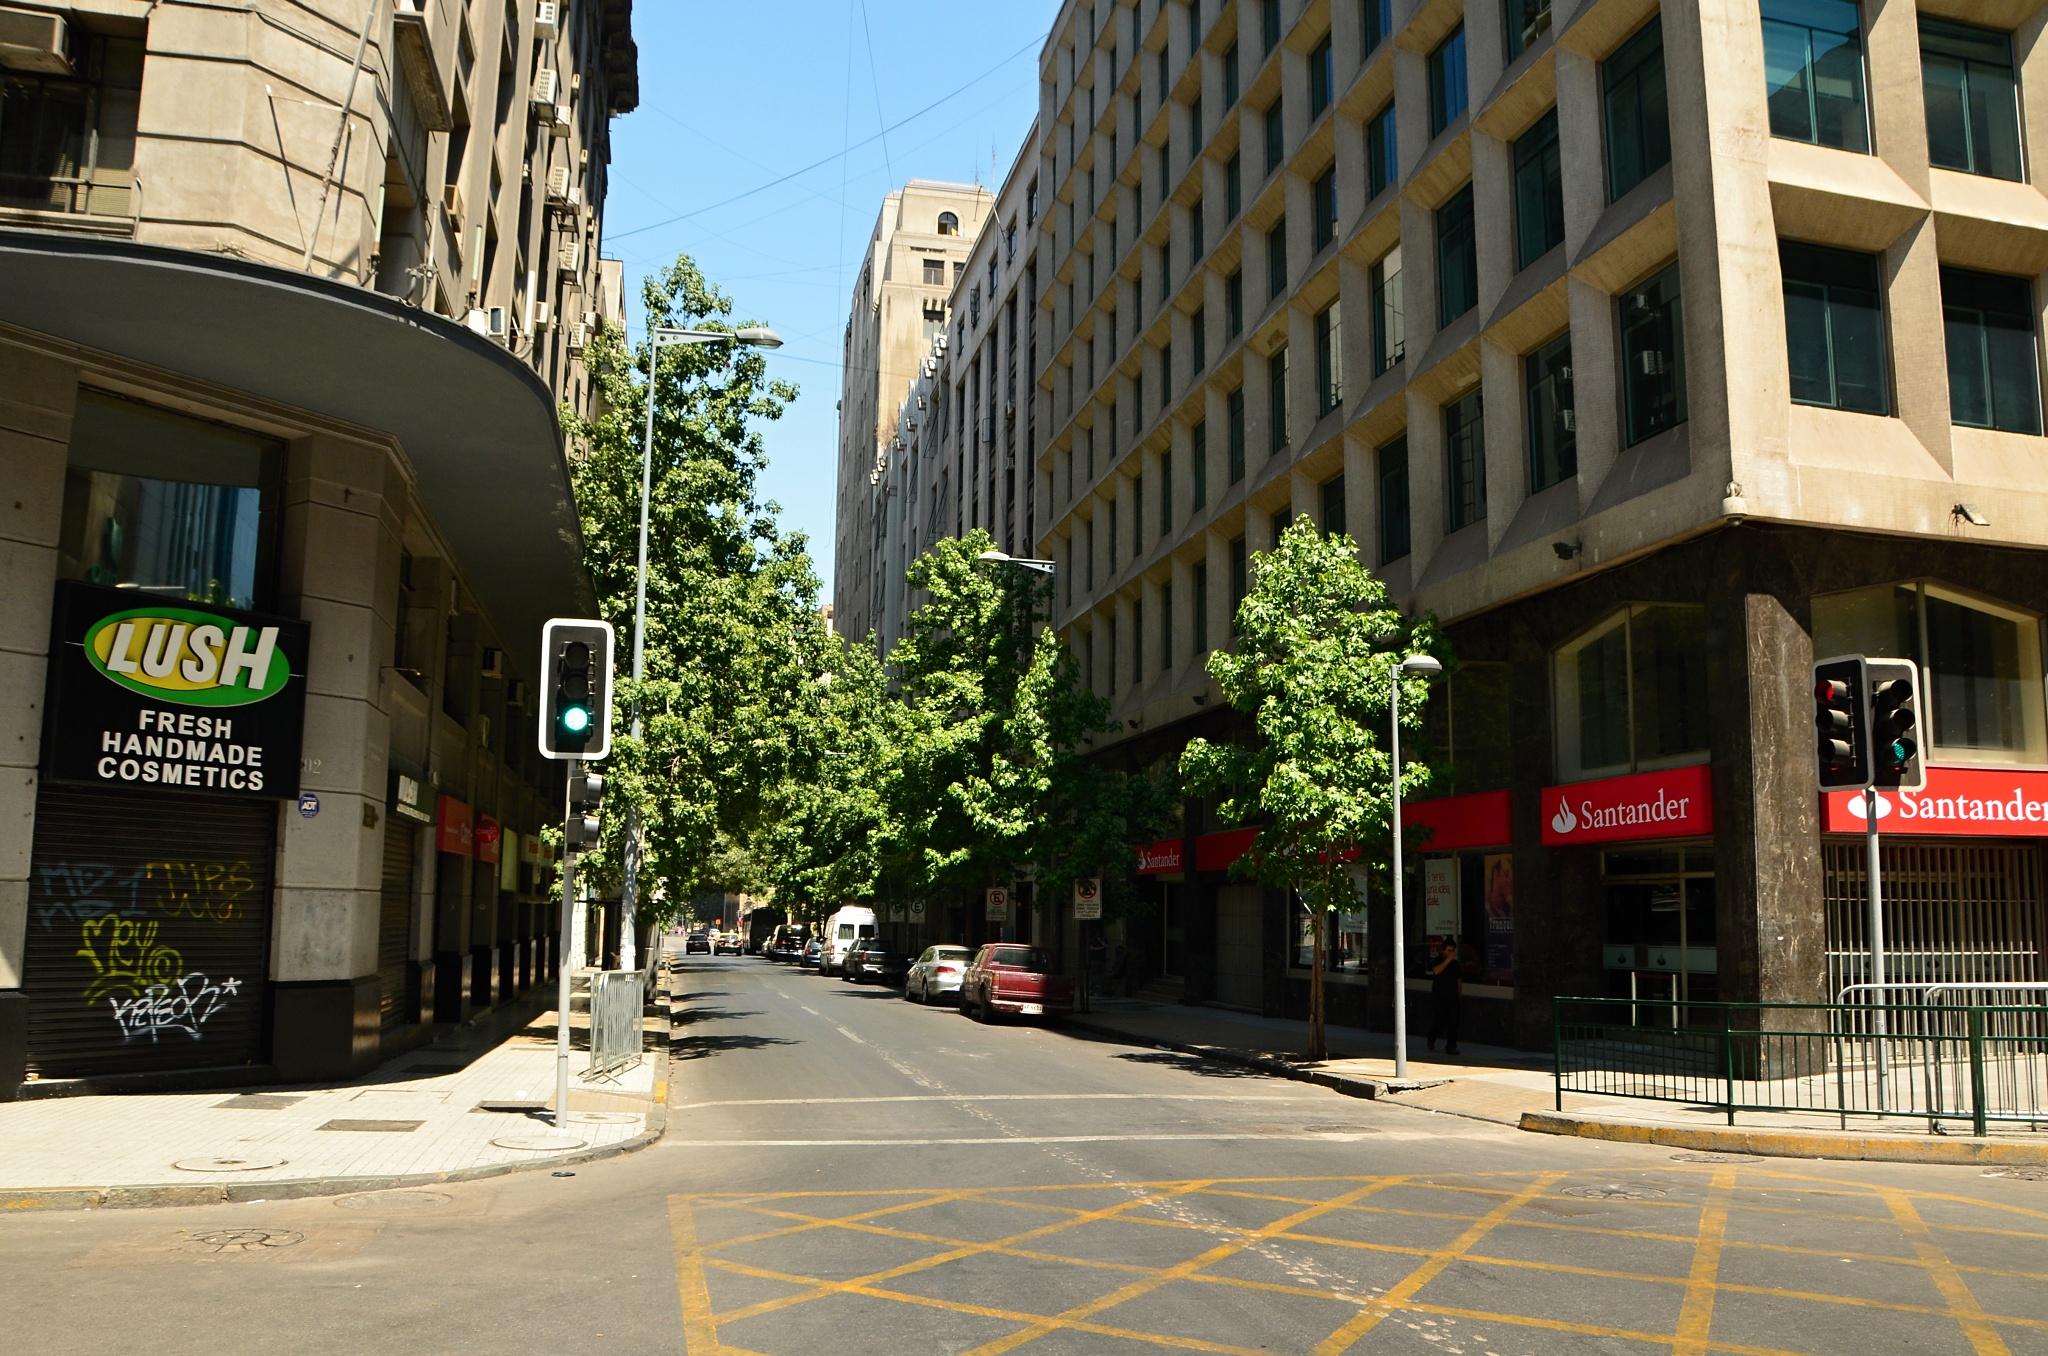 Obyčejná ulice v centru Santiaga